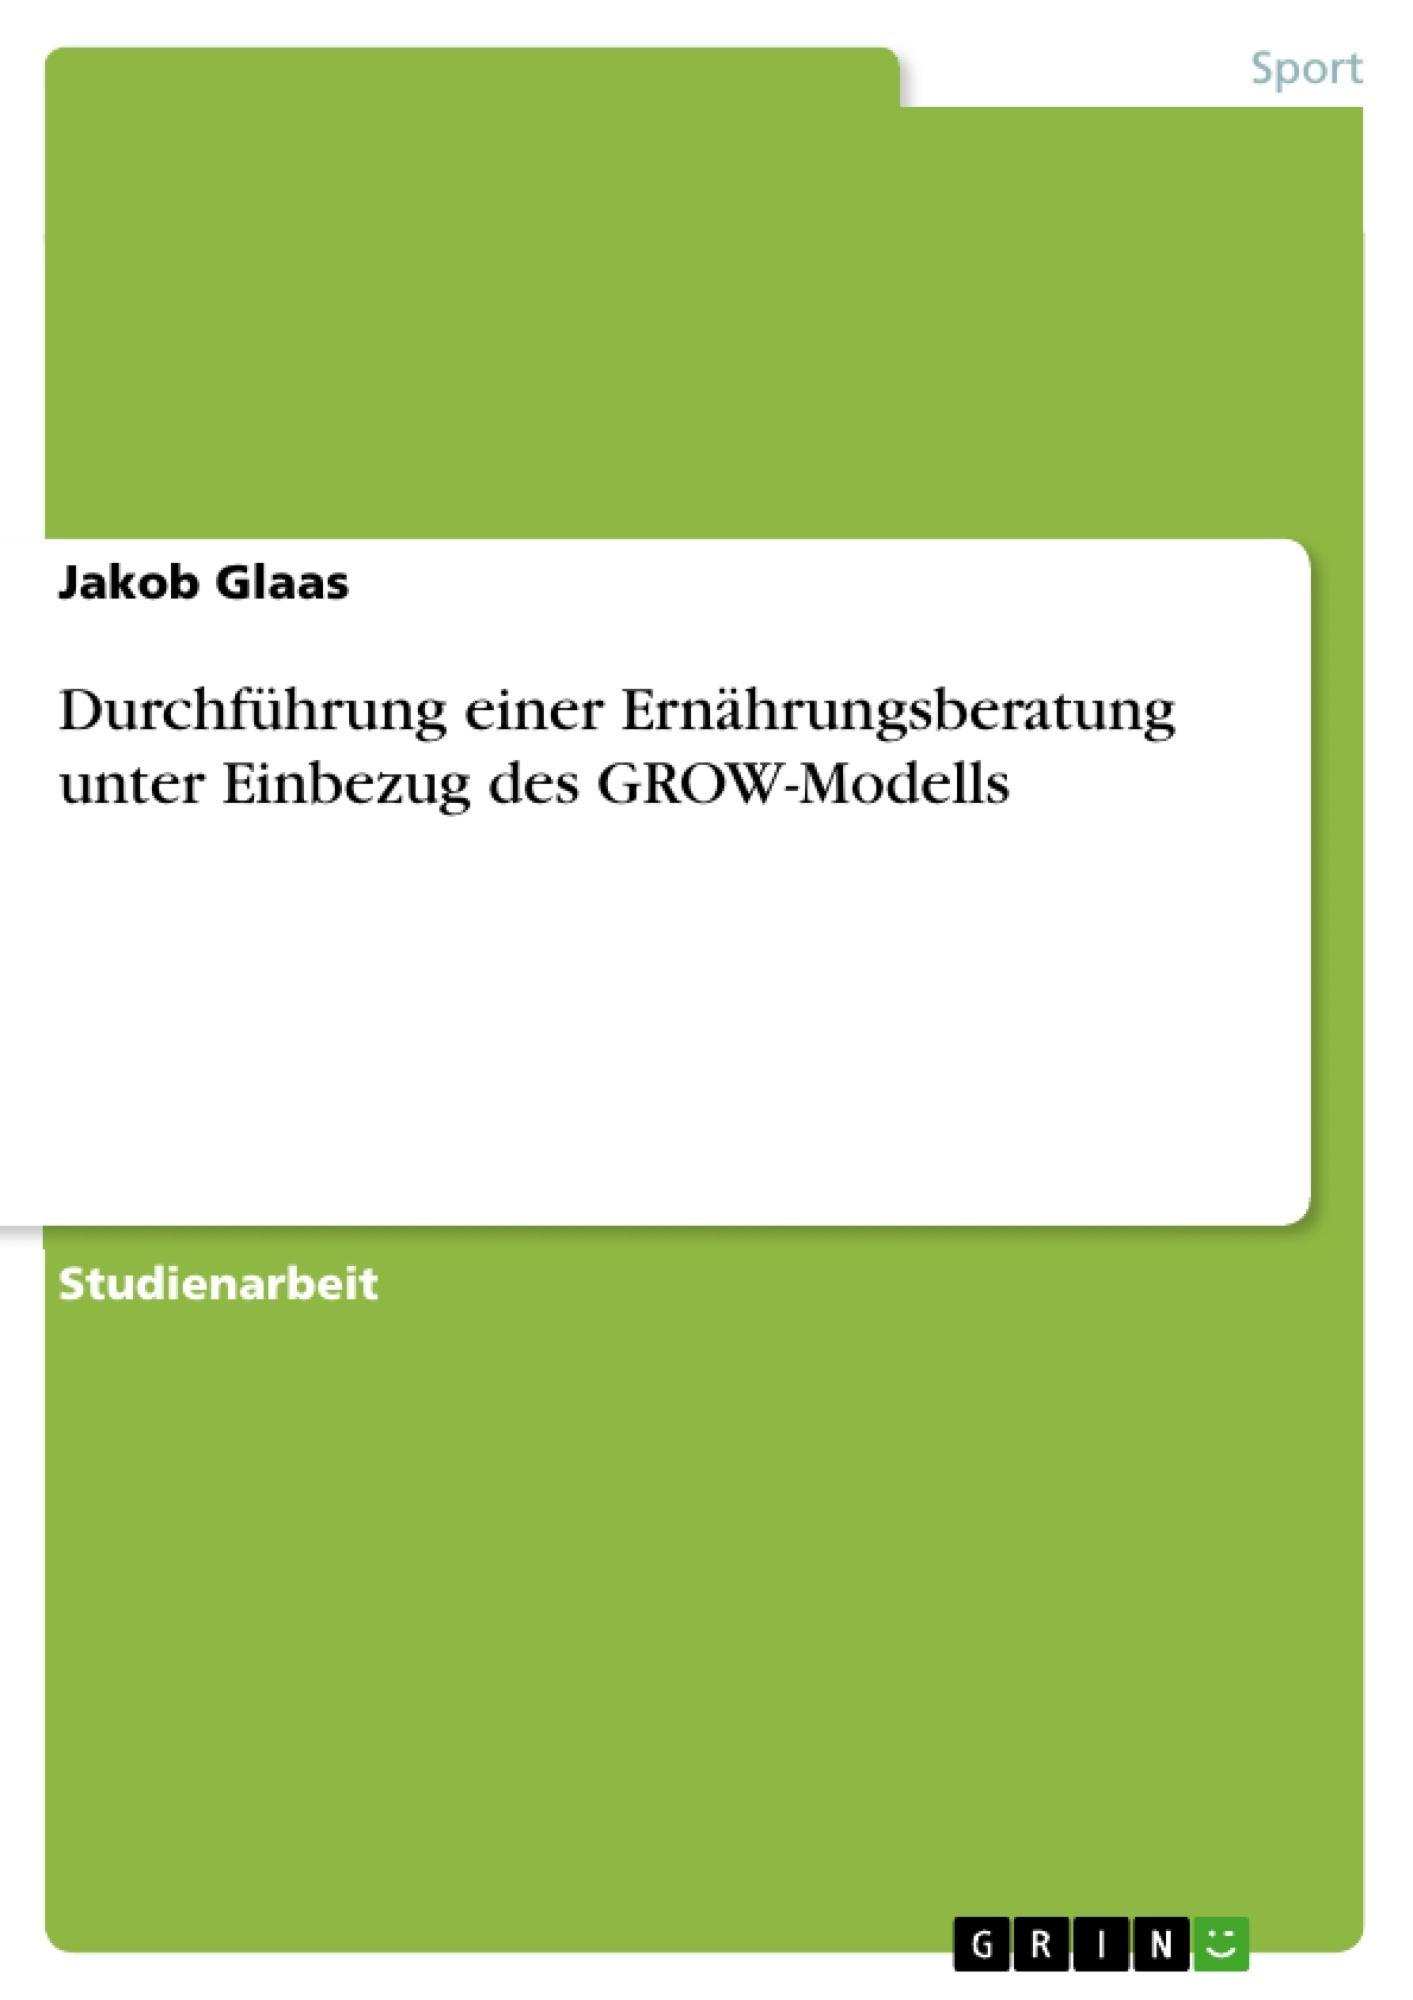 Titel: Durchführung einer Ernährungsberatung unter Einbezug des GROW-Modells